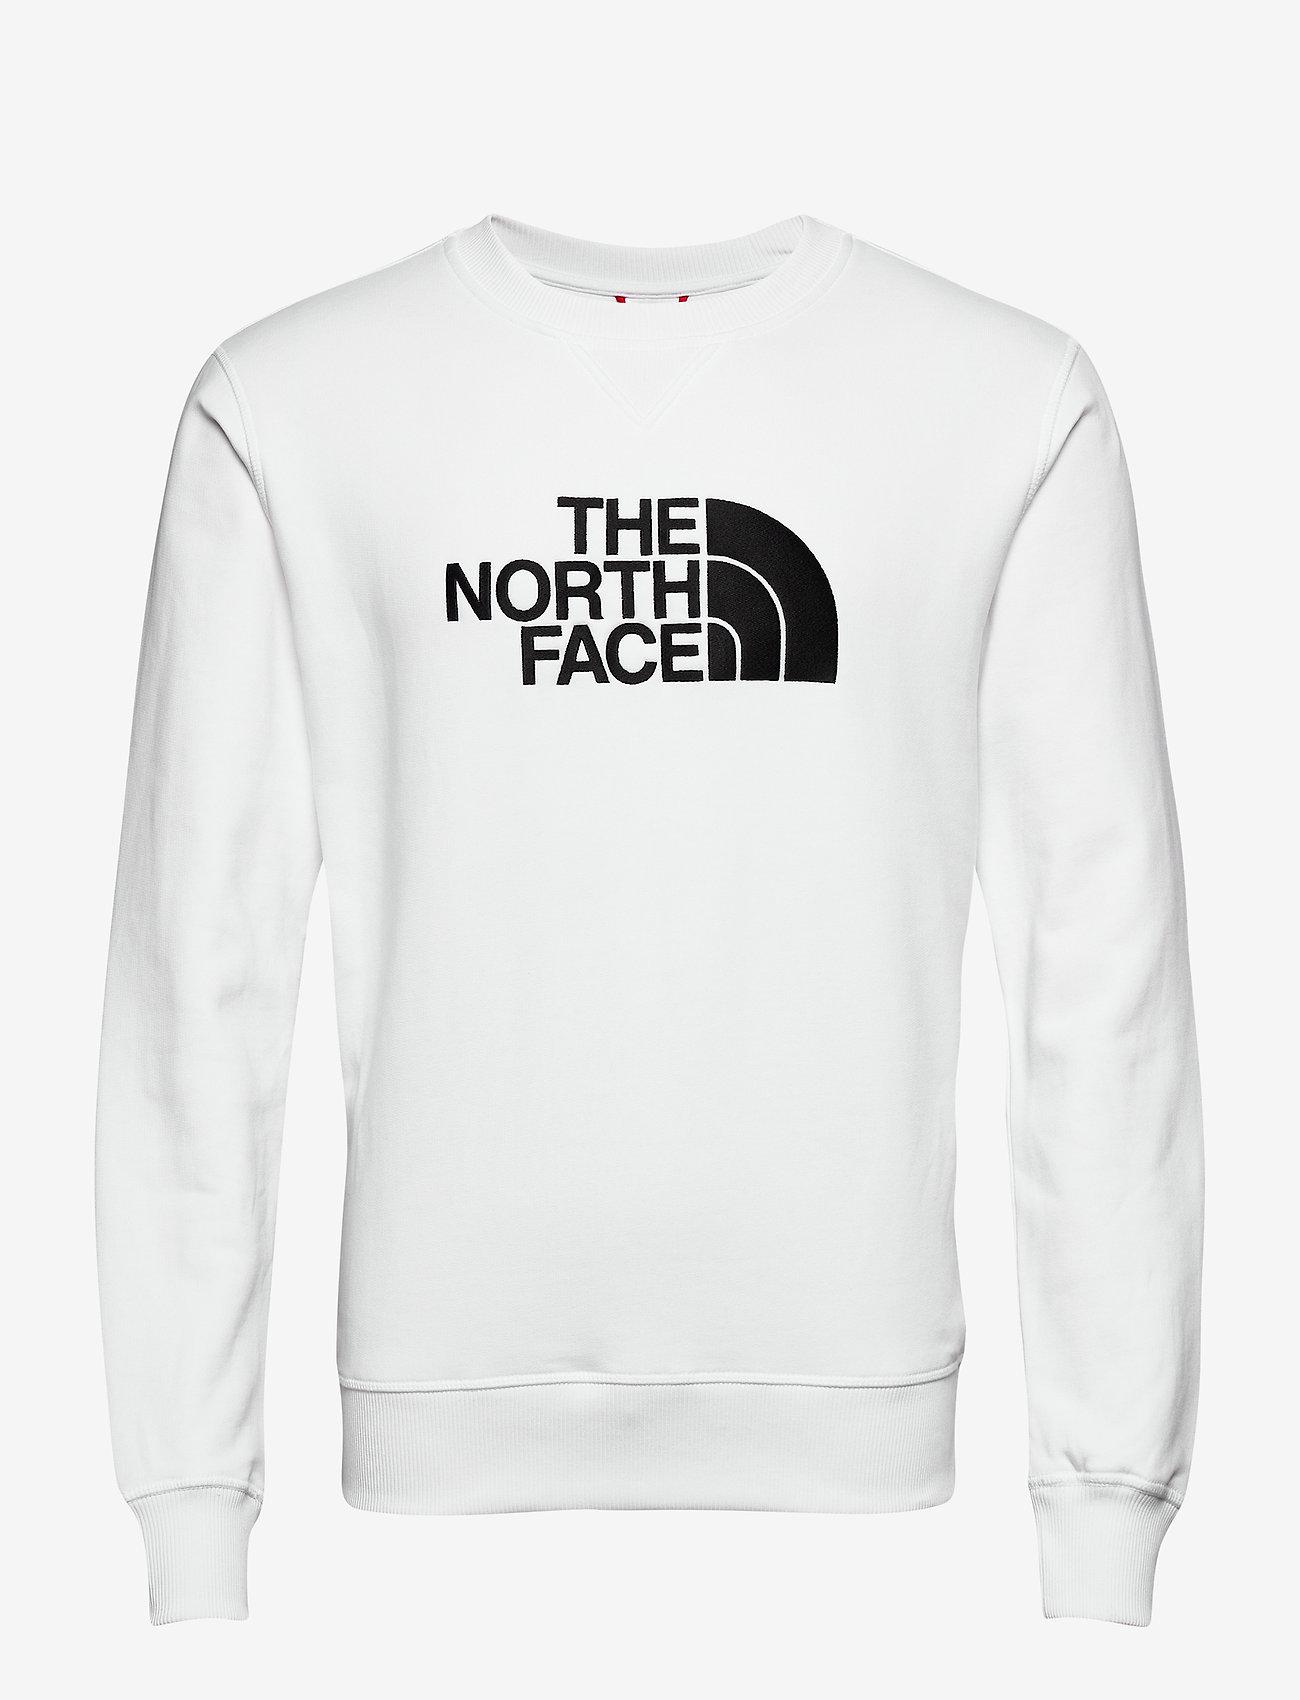 The North Face - M DREW PEAK CREW - sweats - tnf wht/tnf blk - 0